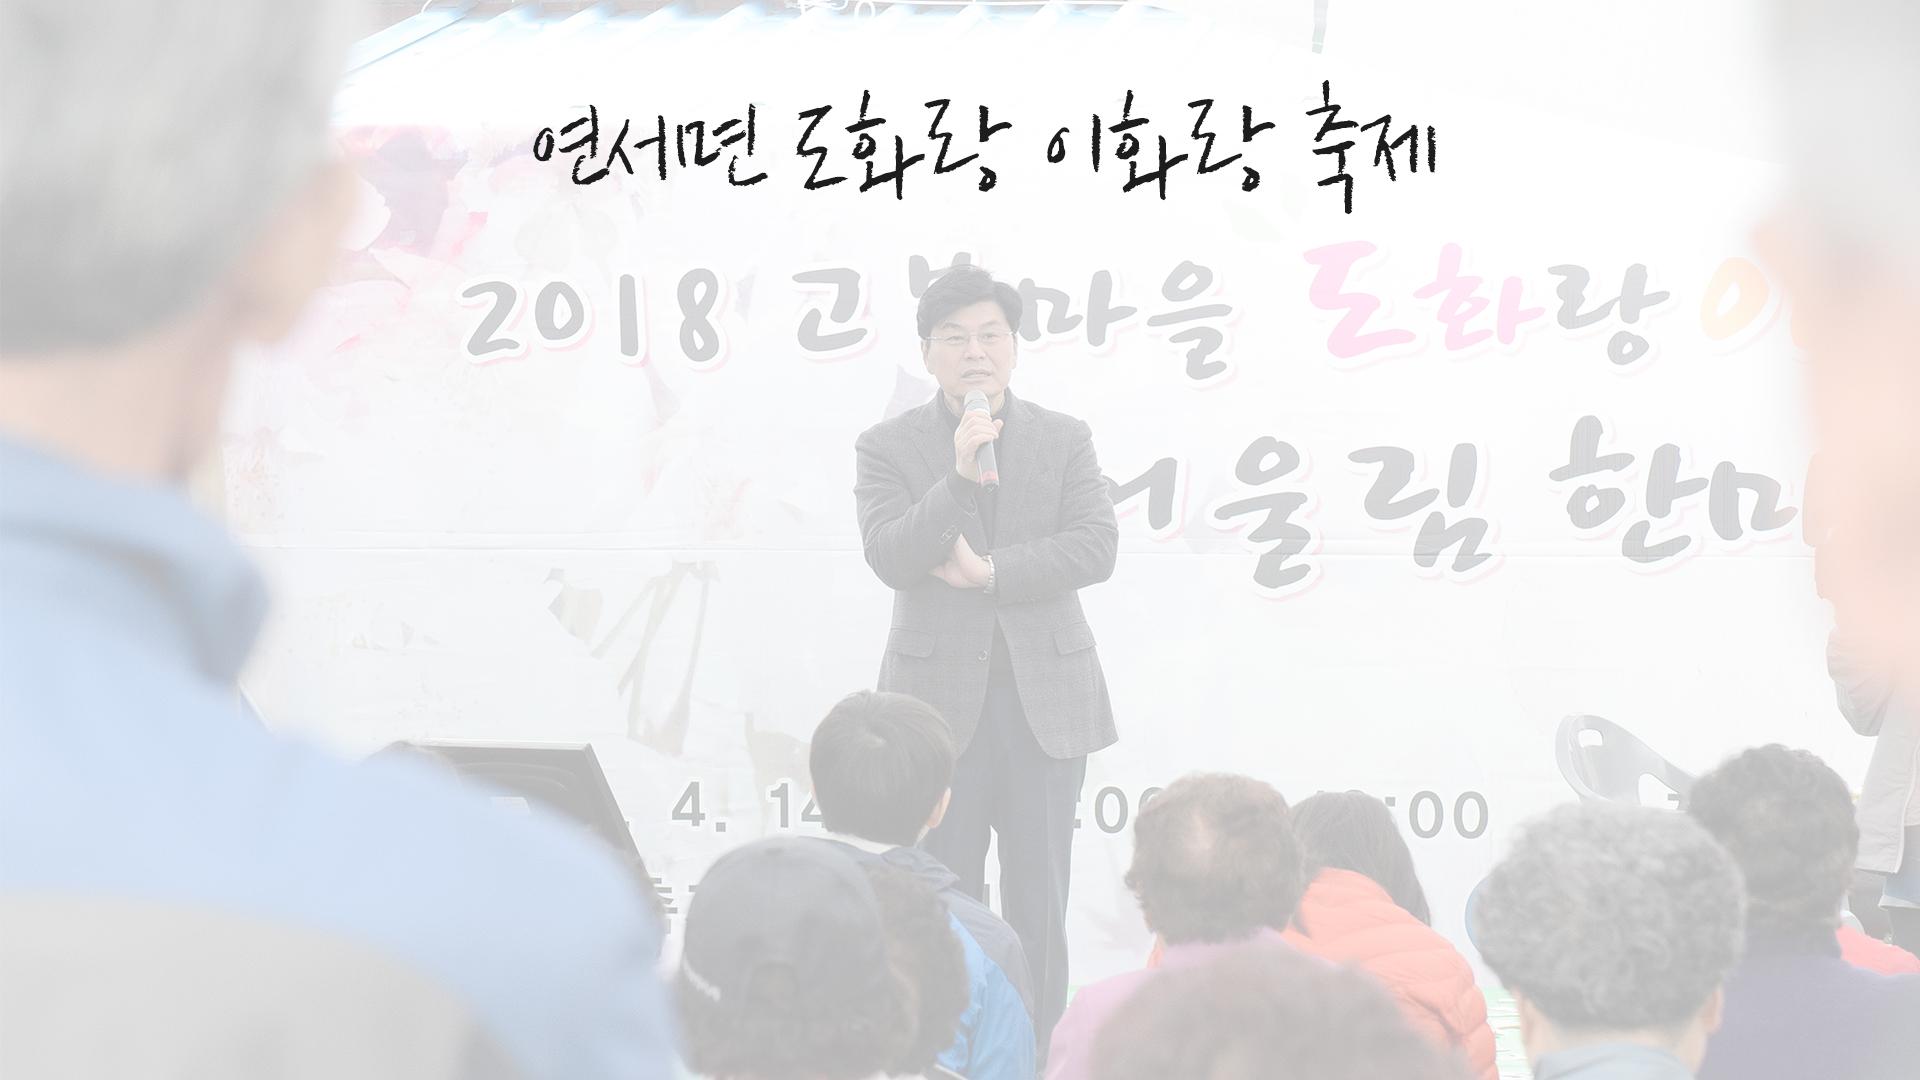 <소통영상> 연서면 도화랑 이화랑 축제